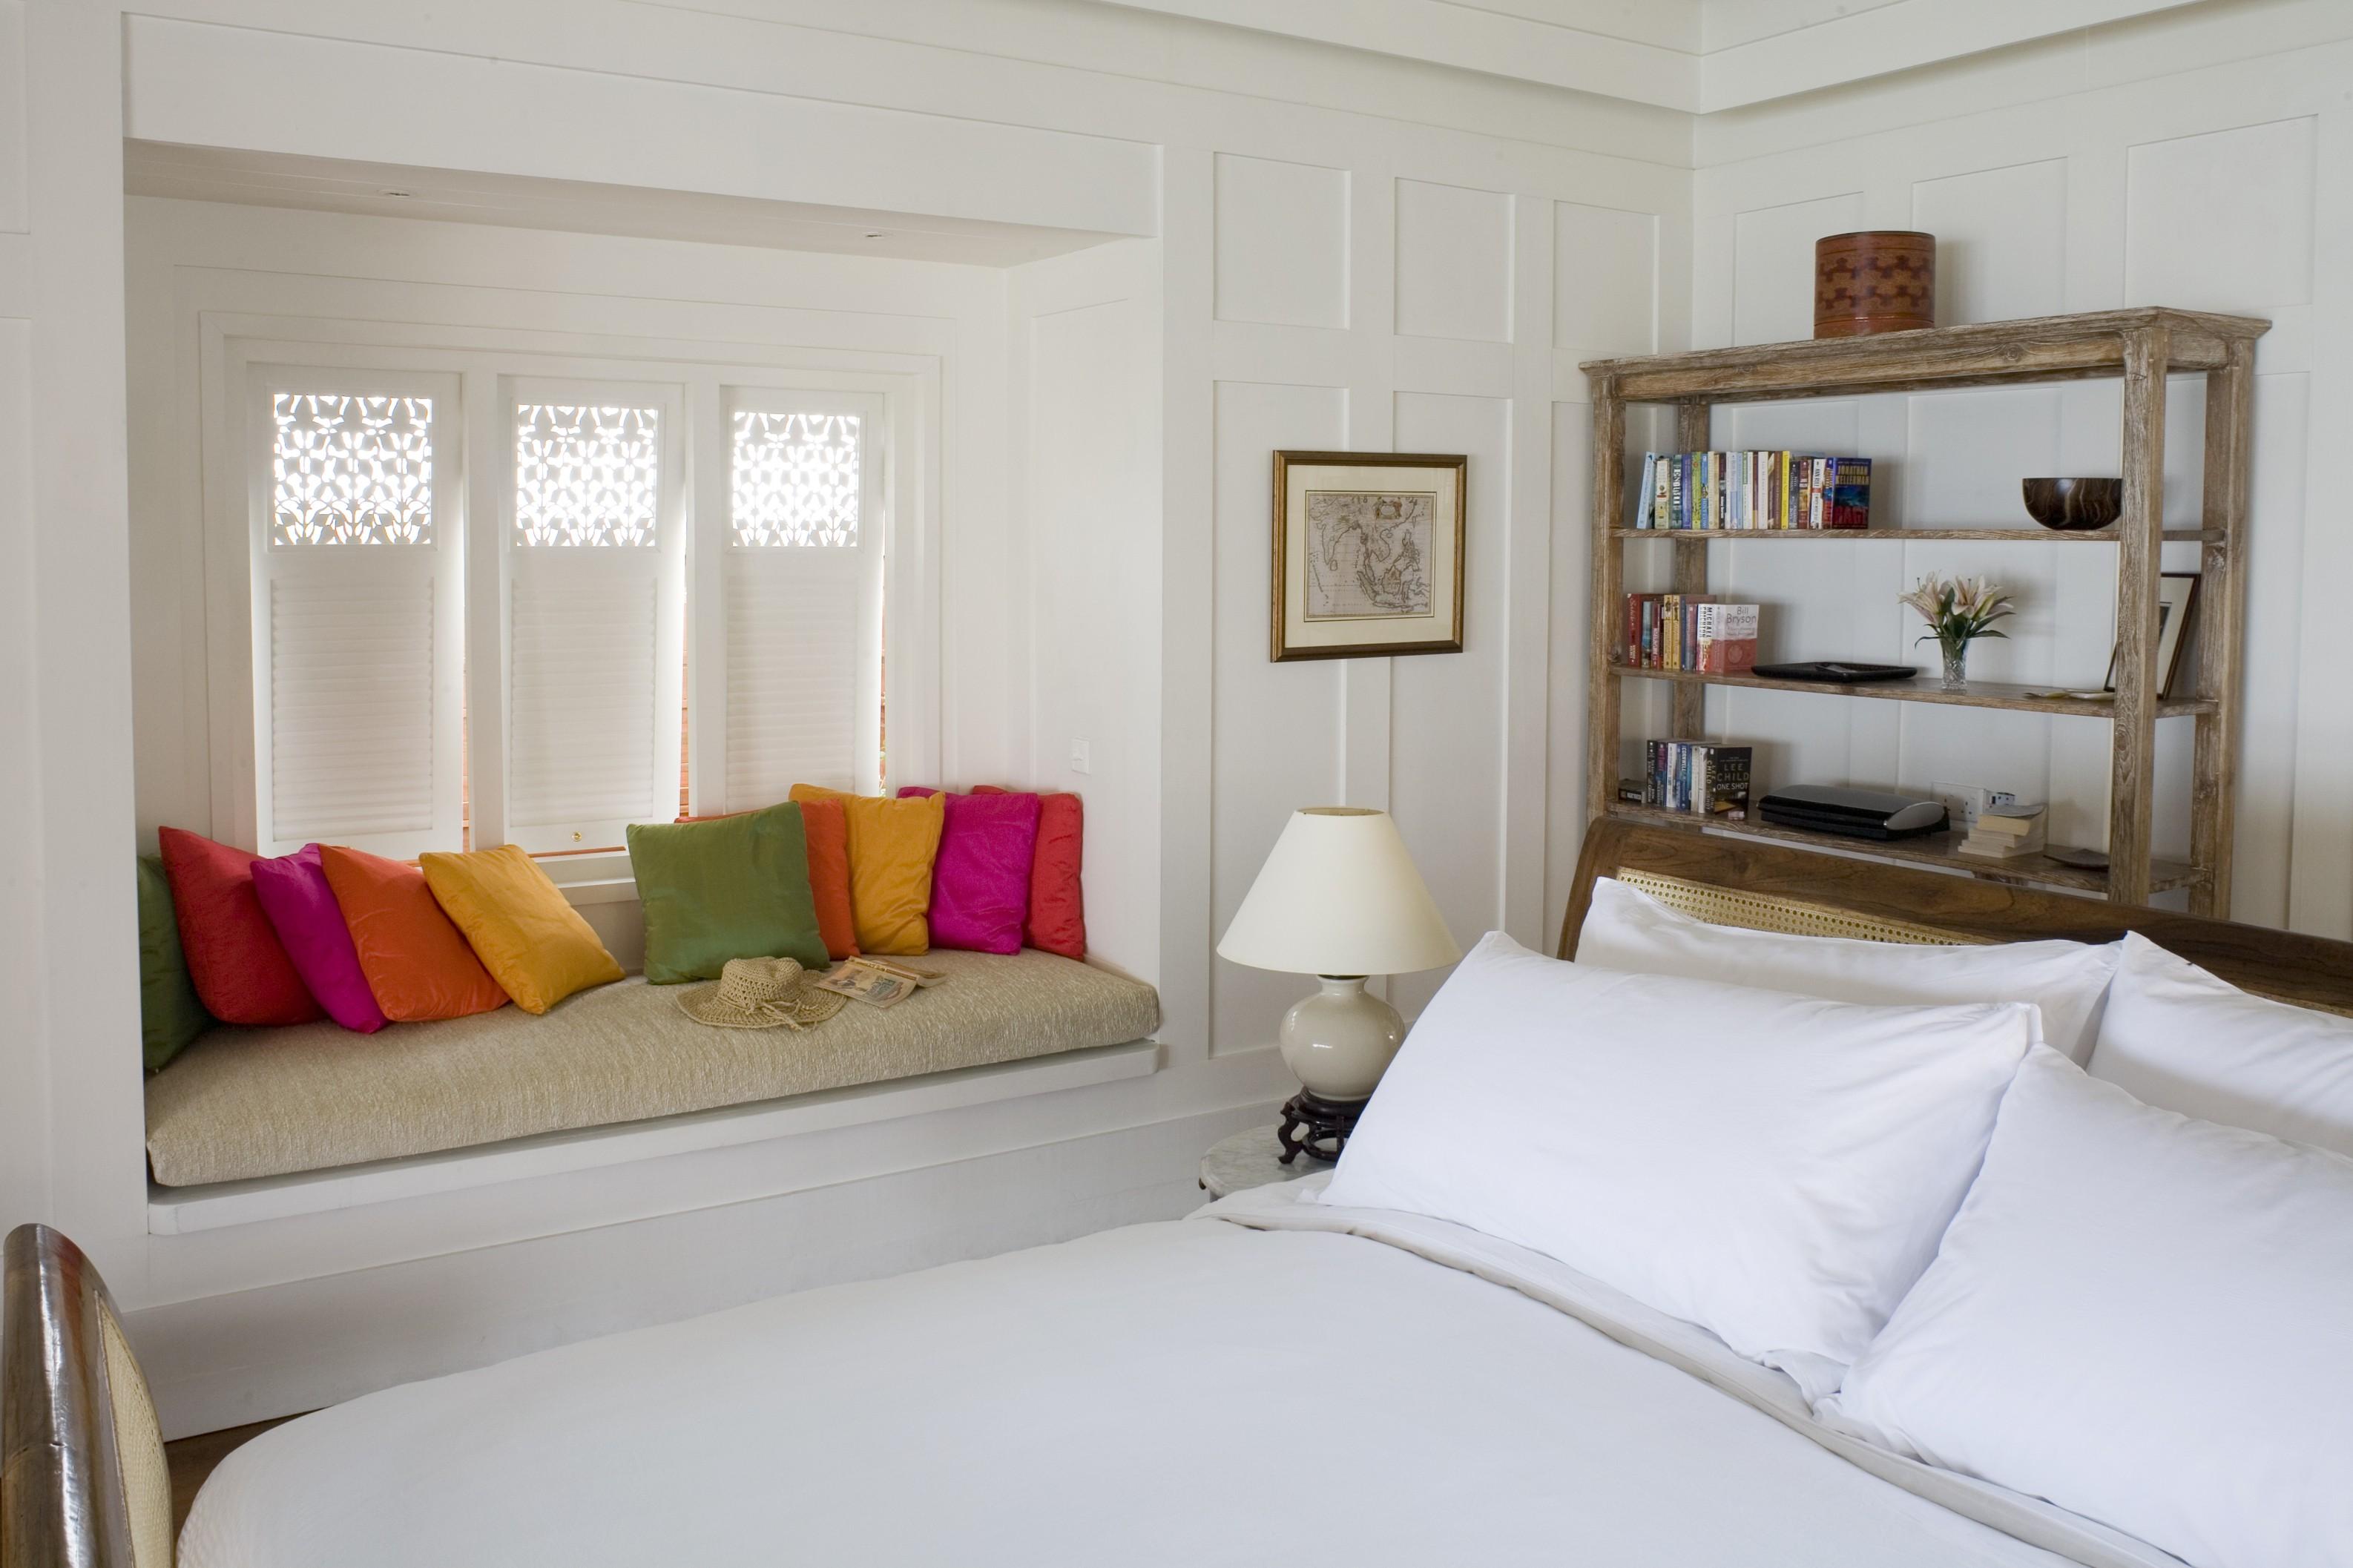 Маленькая спальня: 7 идей увеличения пространства